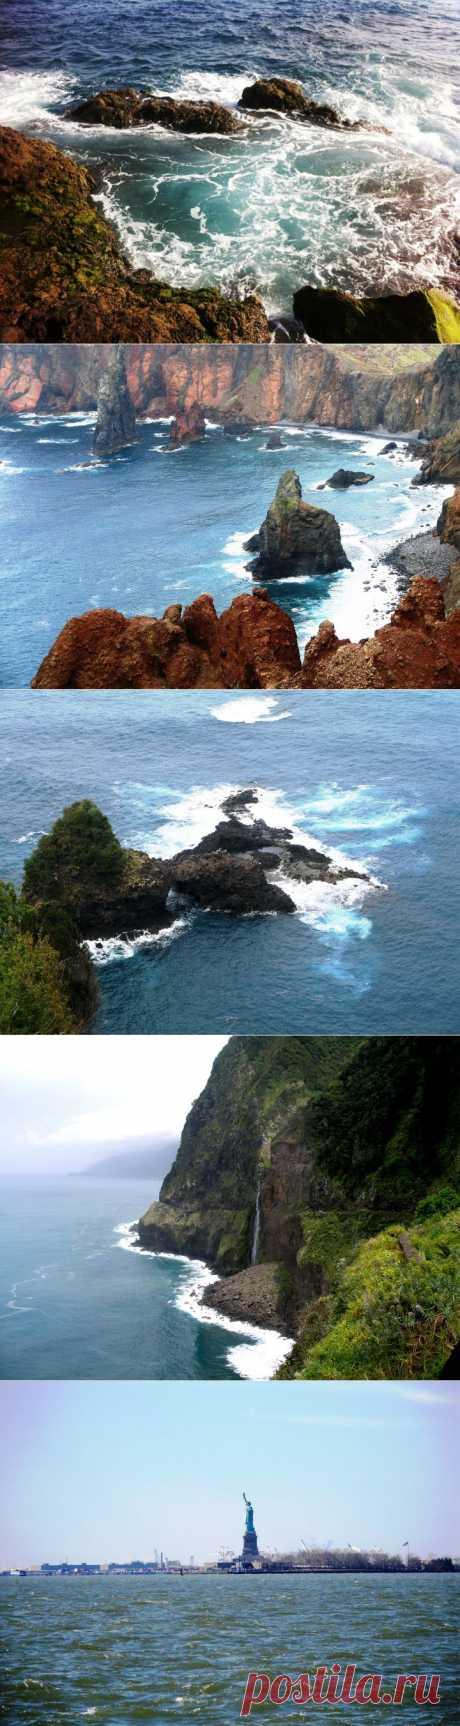 (+1) тема - Океаны. Виды | Фотоискусство